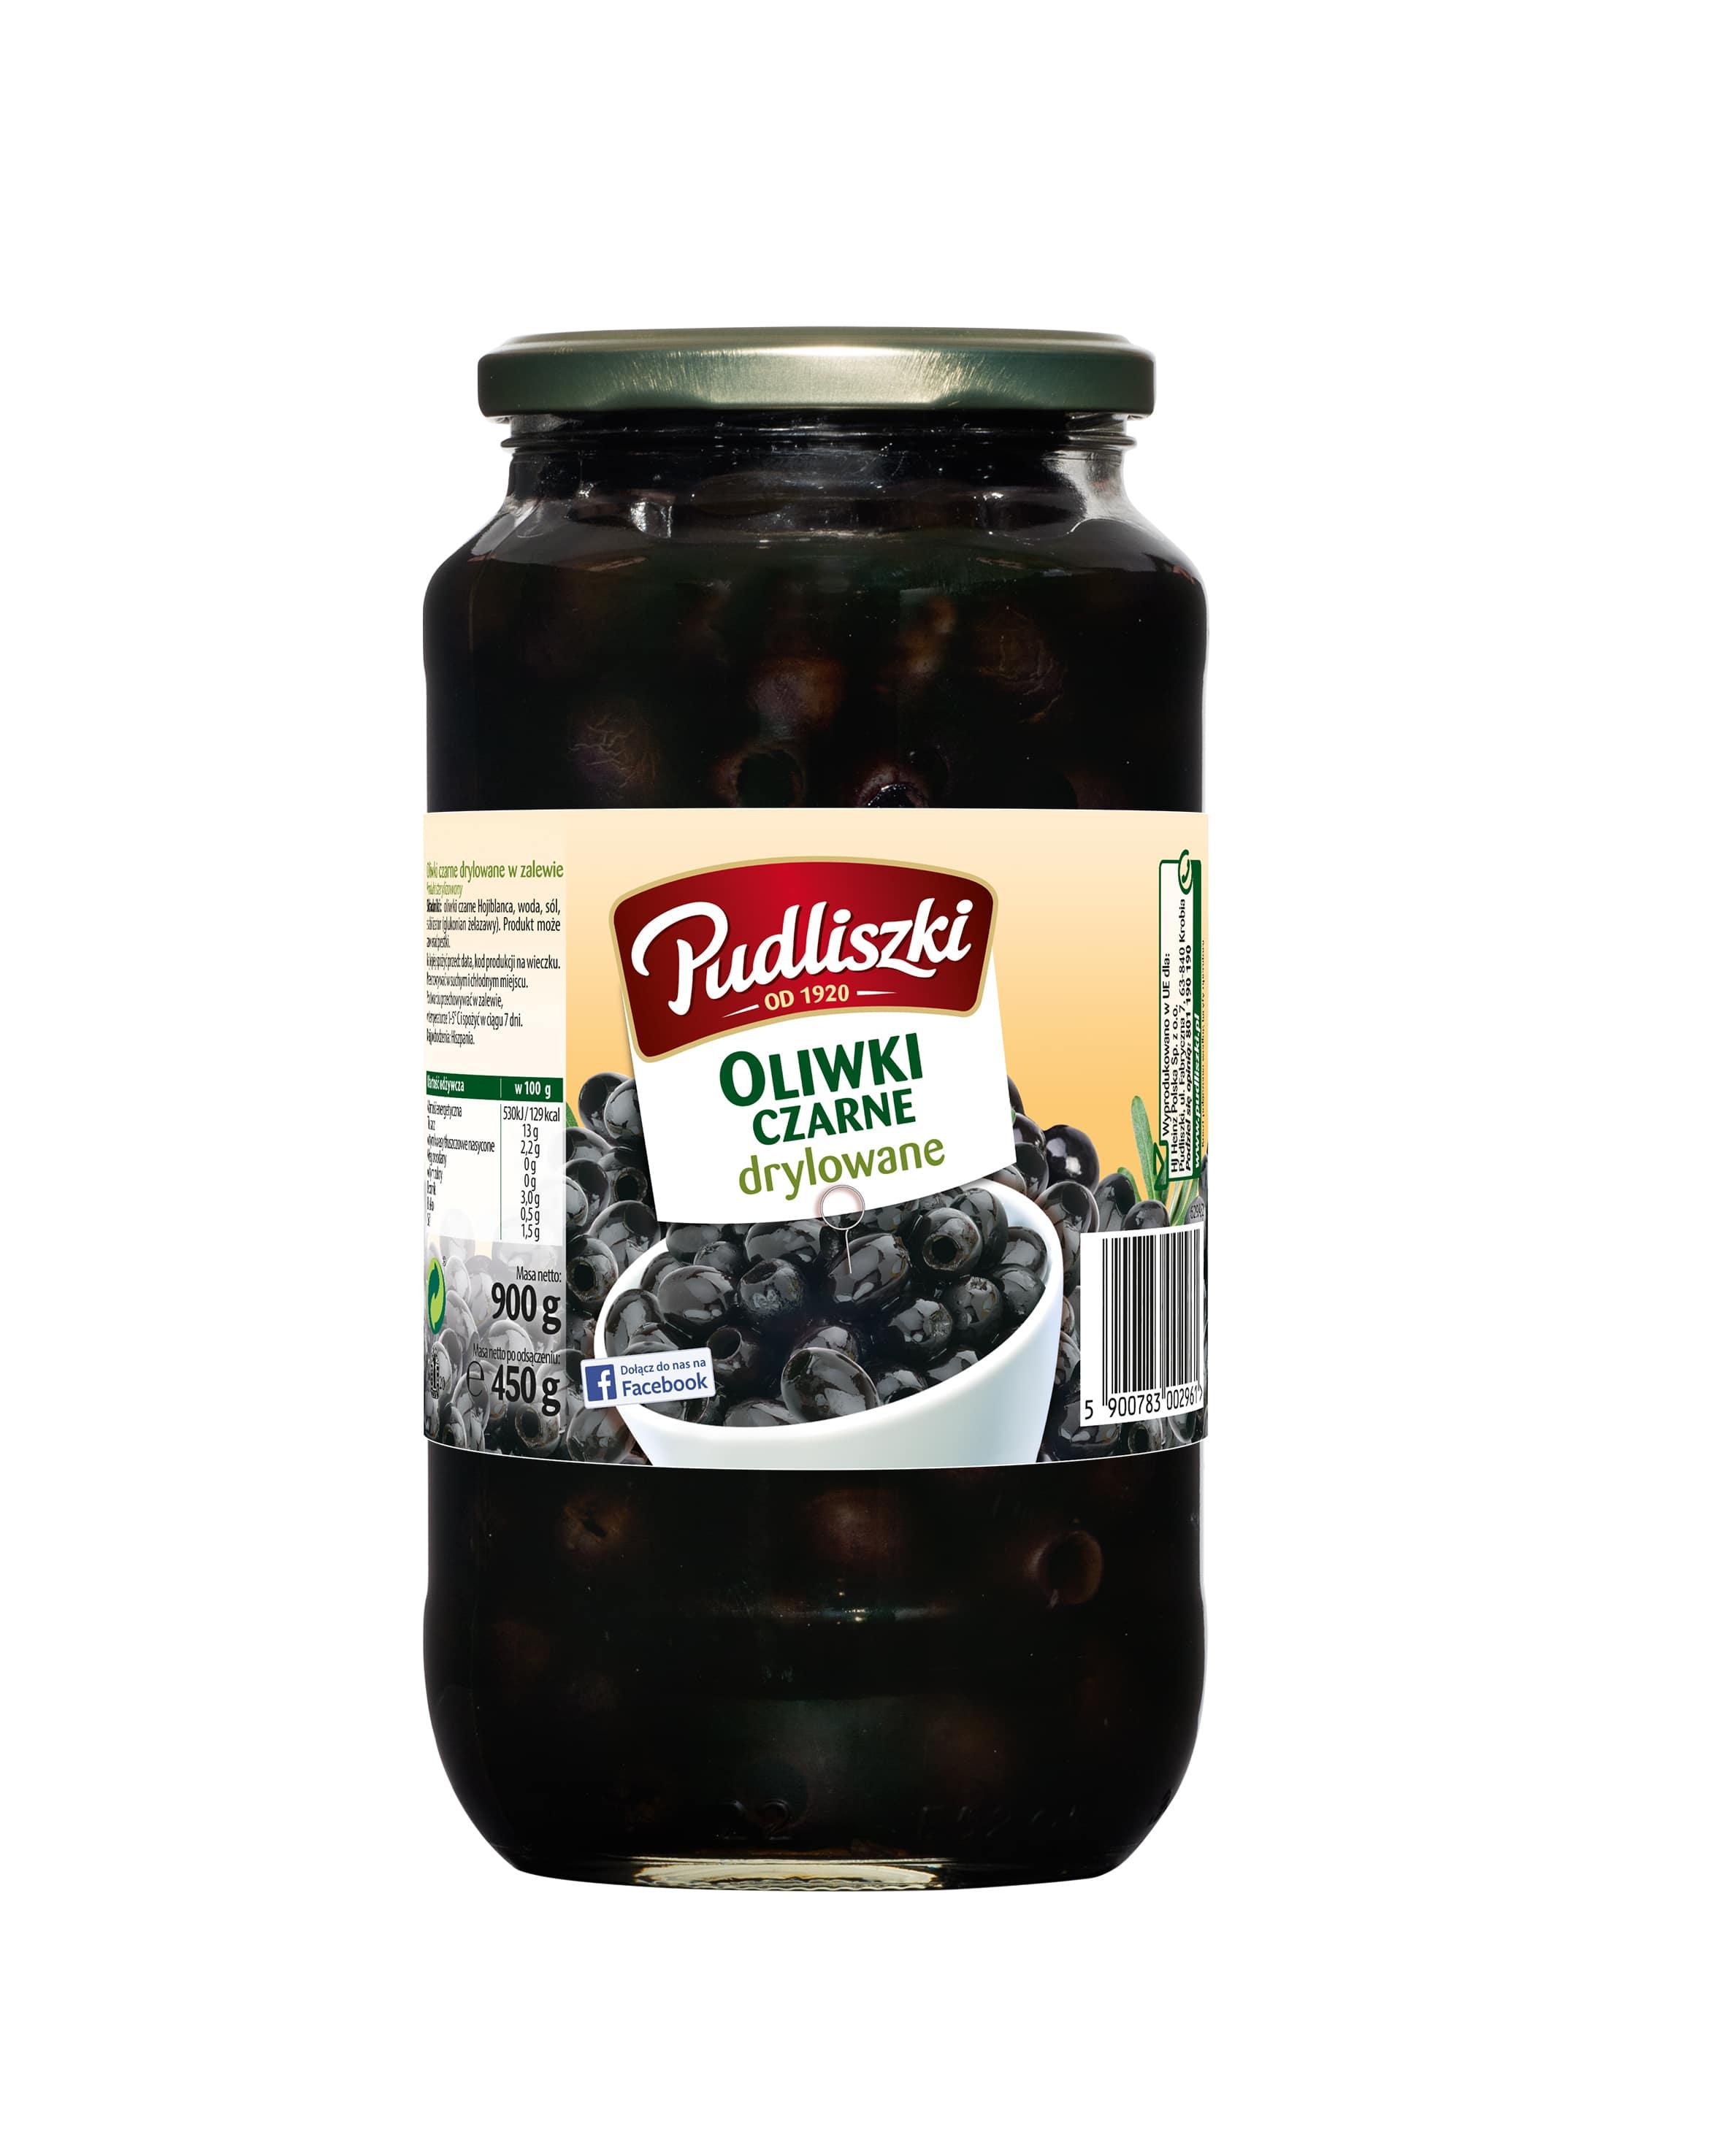 Oliwki czarne Pudliszki 900g szklany słoik image